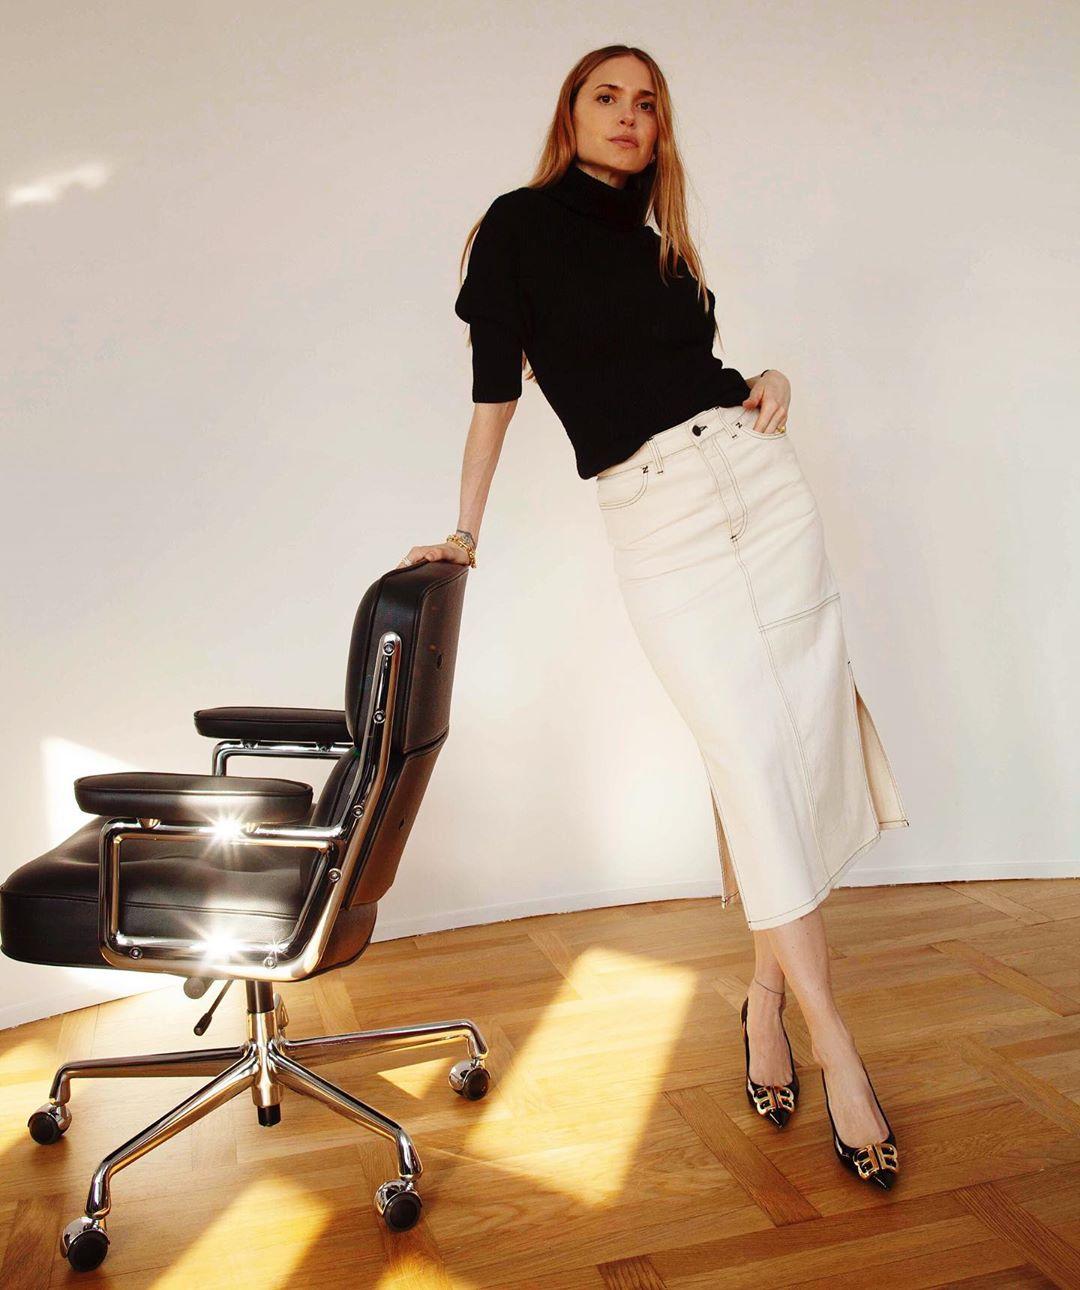 Девушка в белой джинсовой юбке, черная водолазка и туфли на каблуке